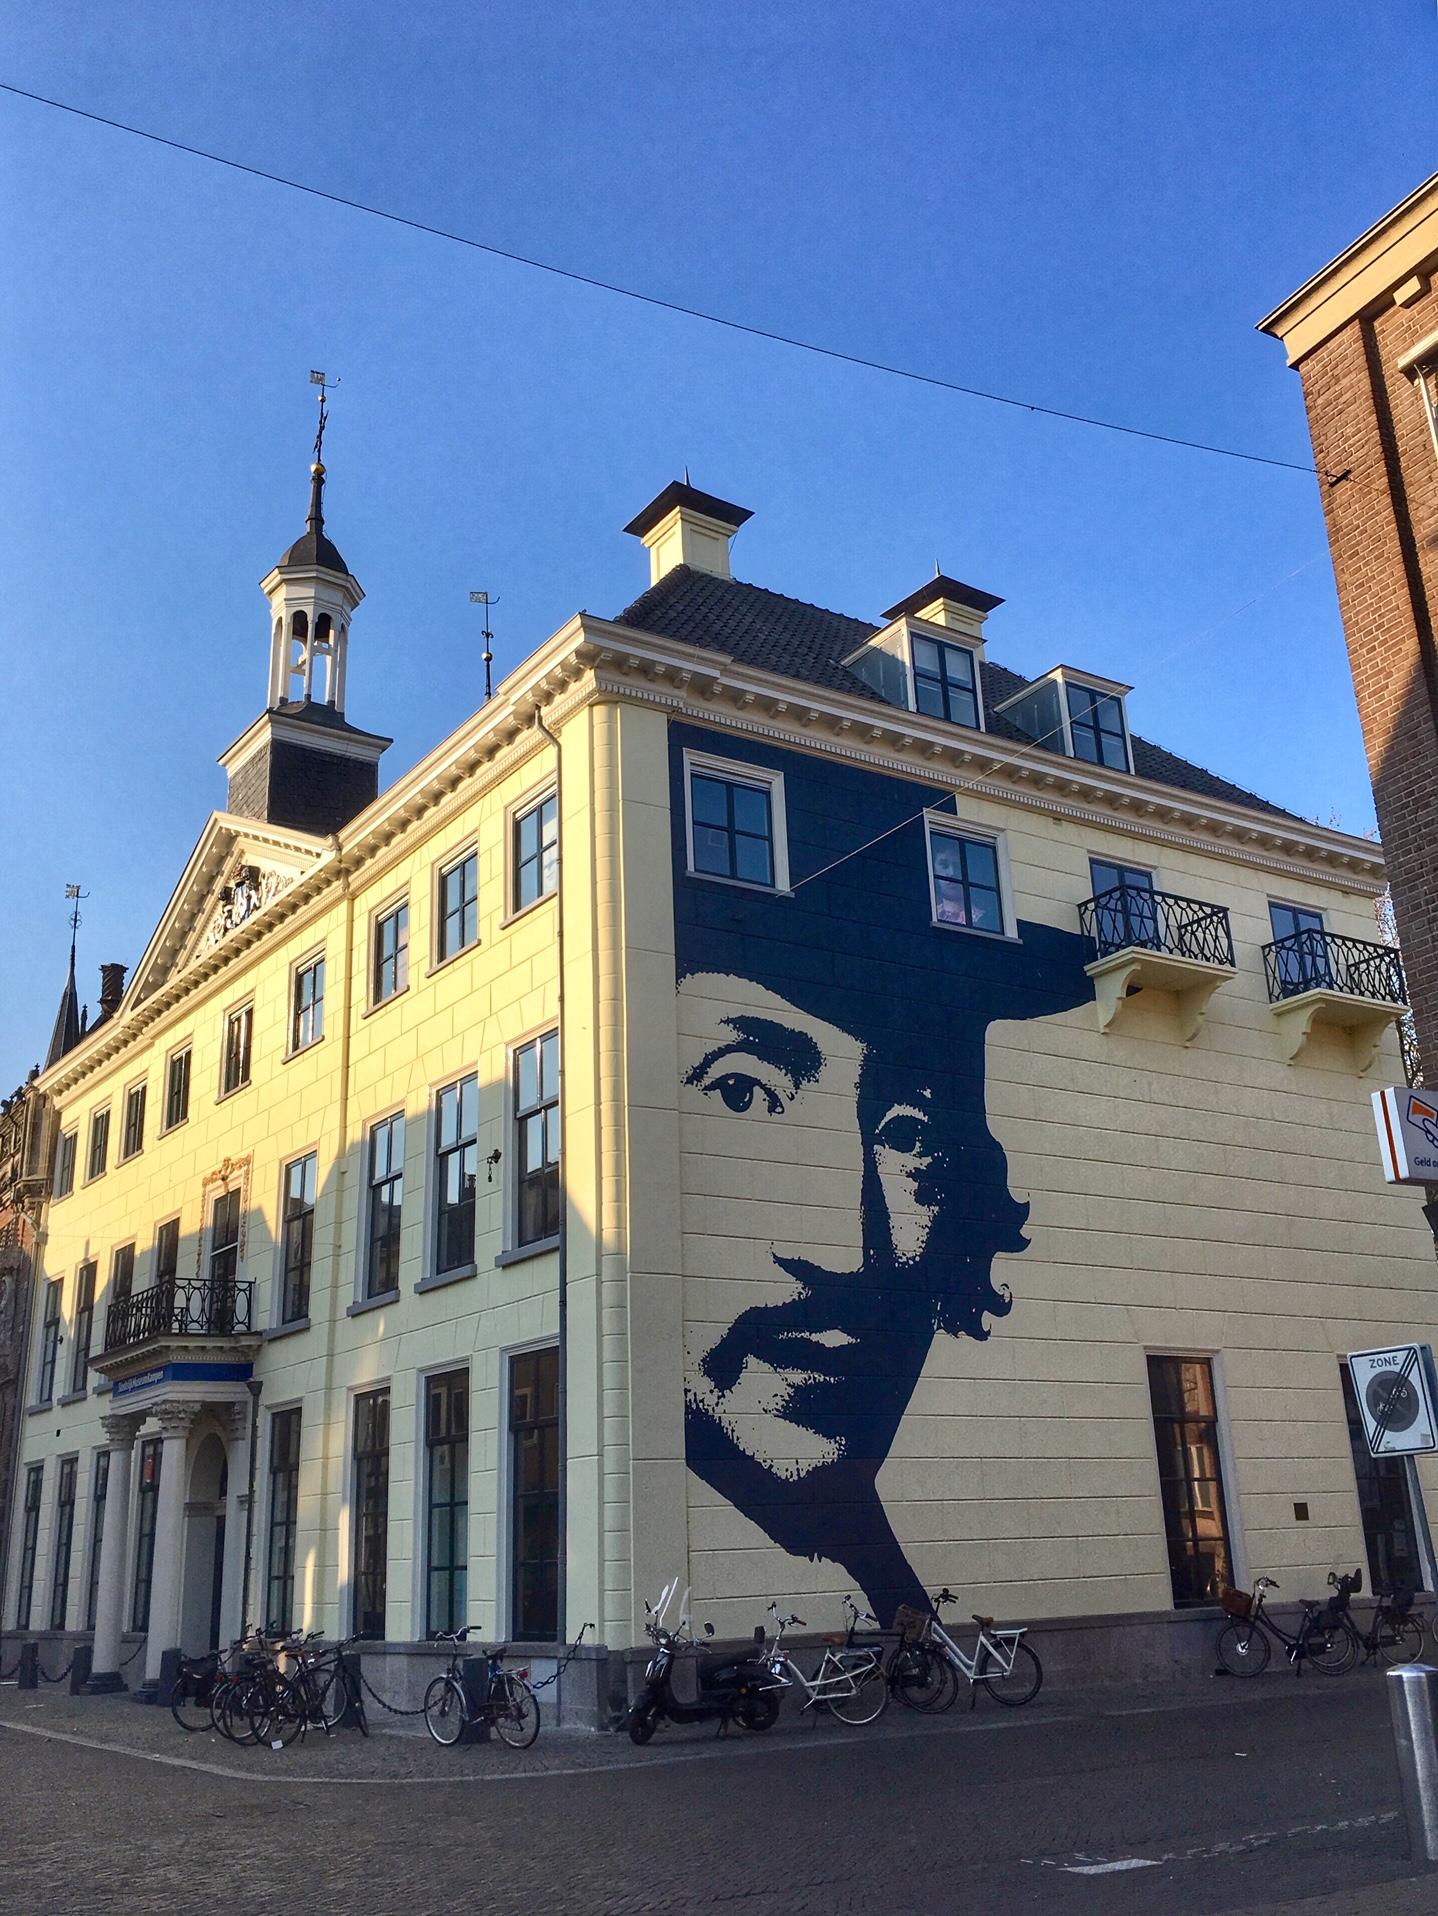 Wall Art on Oudestraat, Kampen